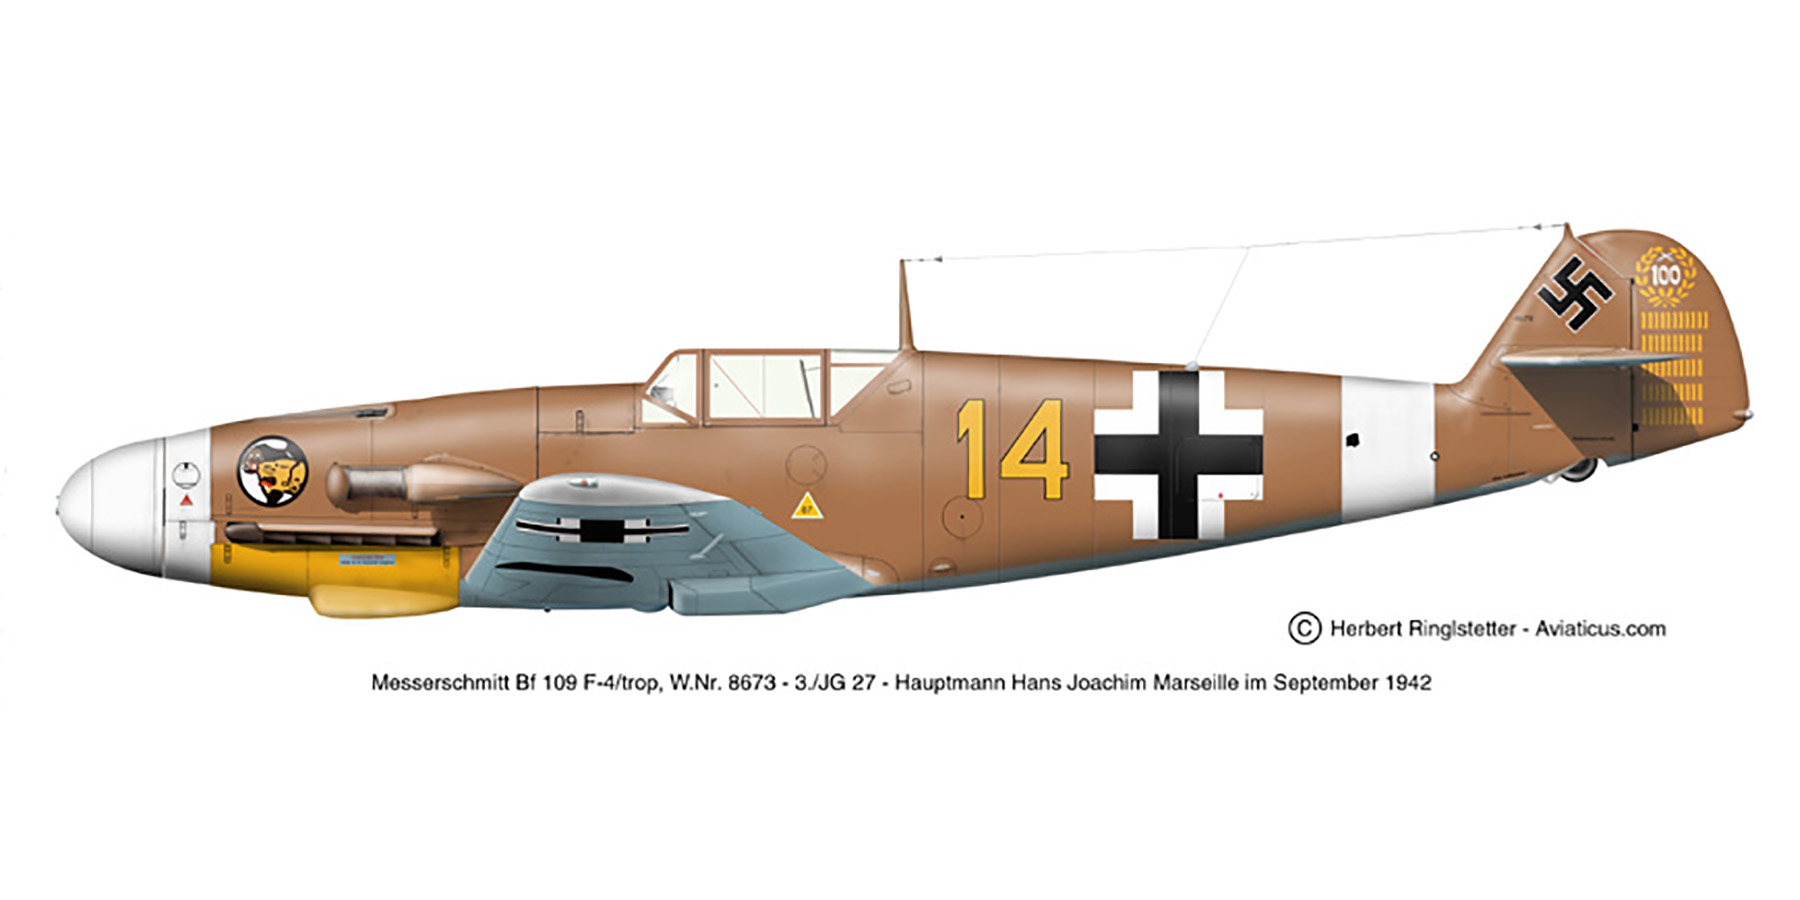 Messerschmitt Bf 109F4Trop 3.JG27 Yellow 14 Hans Joachim Marseille WNr 8673 Africa 21st Sep 1942 0A